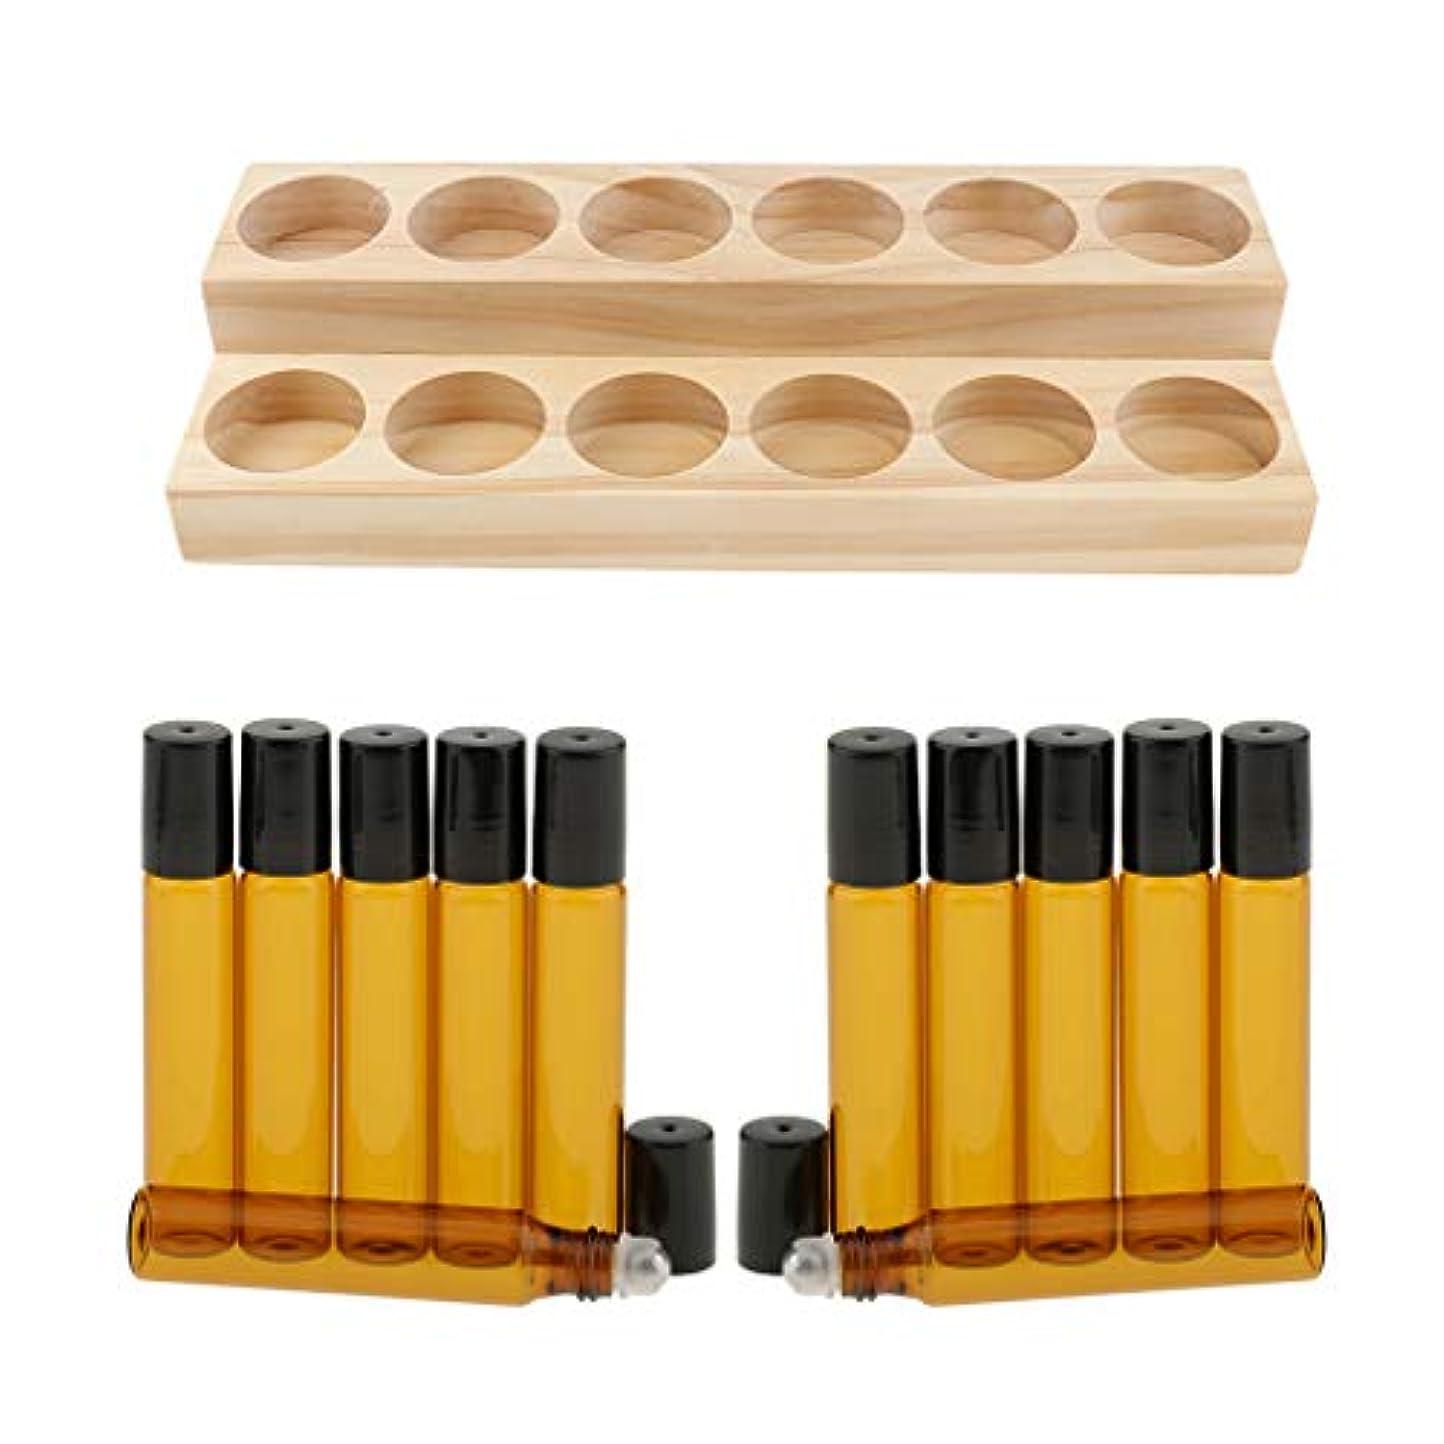 発行する姉妹バインド収納ラック オーガナイザー 木製スタンド エッセンシャルオイル 精油 香水 展示 12個ガラス瓶付